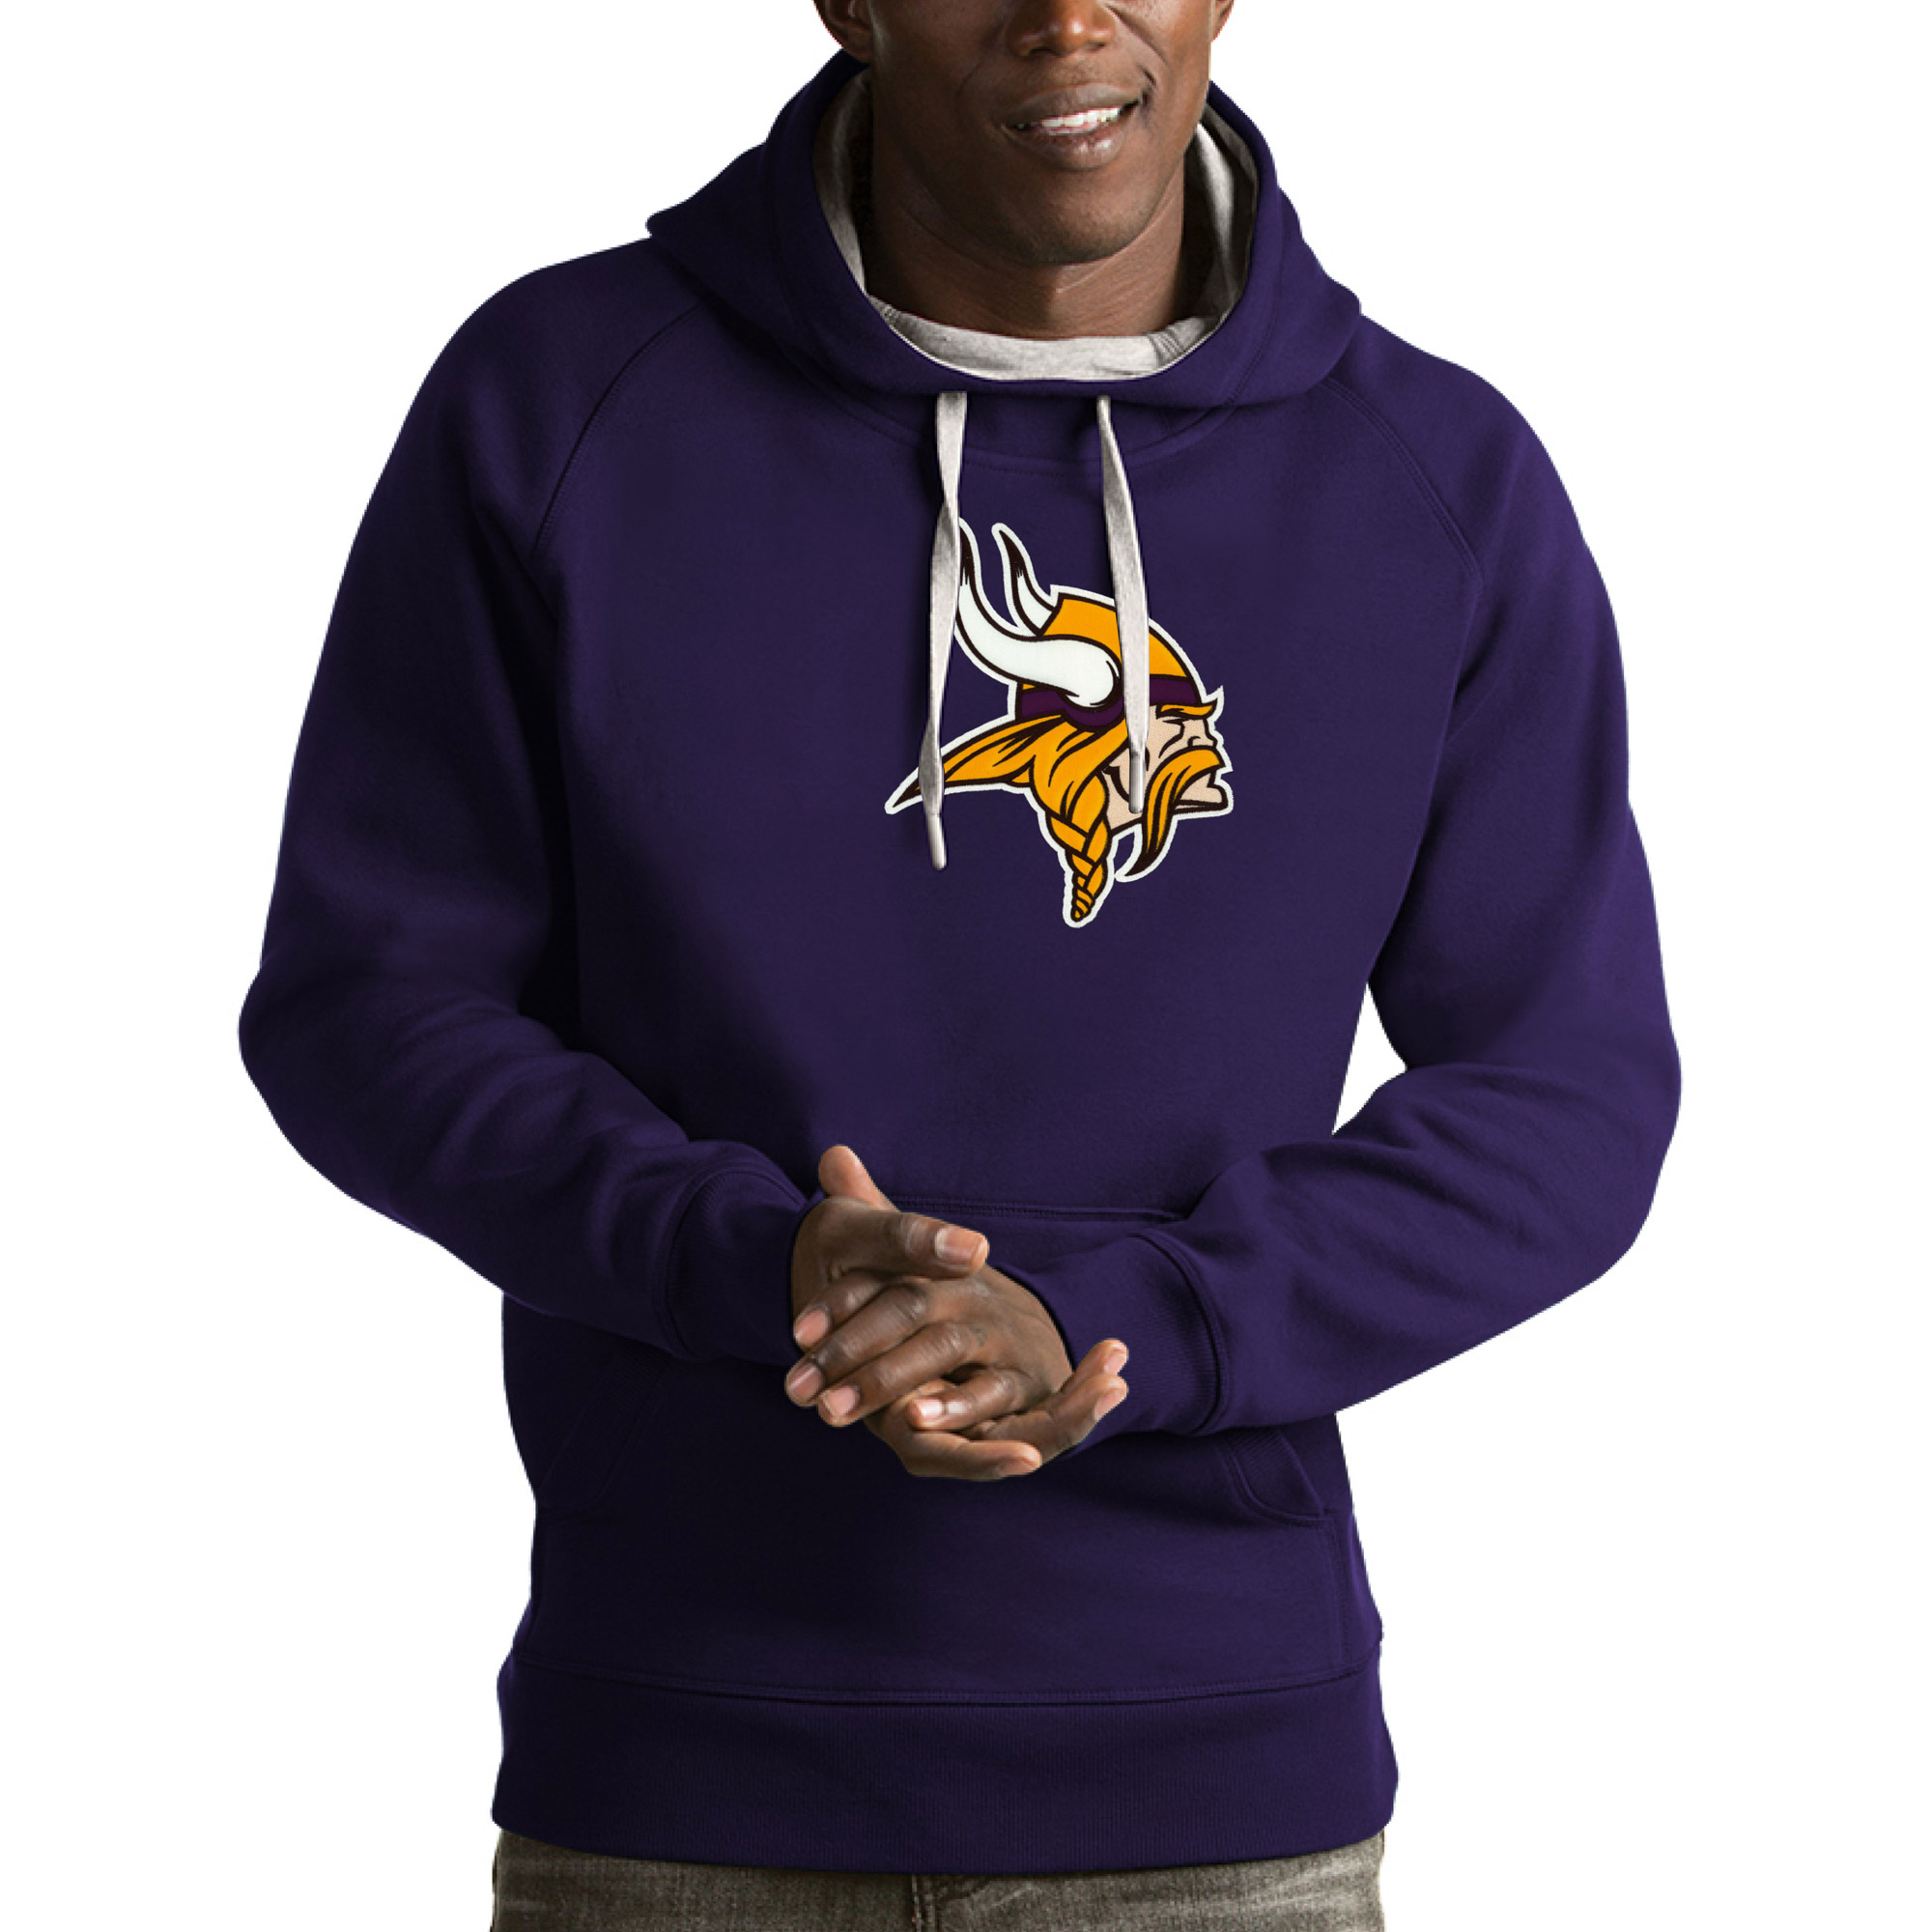 Minnesota Vikings Antigua Victory Pullover Hoodie - Purple